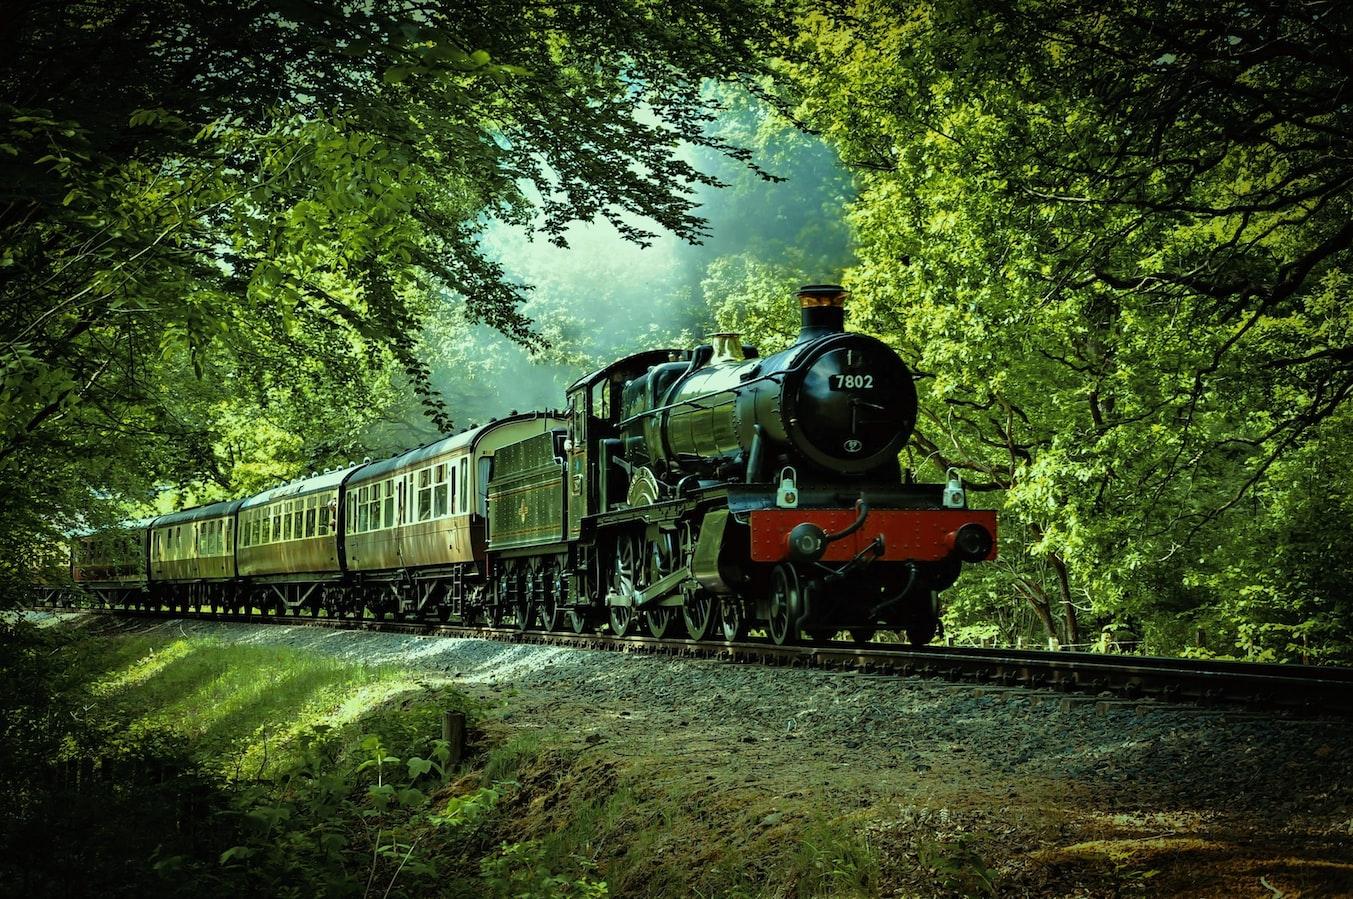 Parní vlak jedoucí zeleným lesem